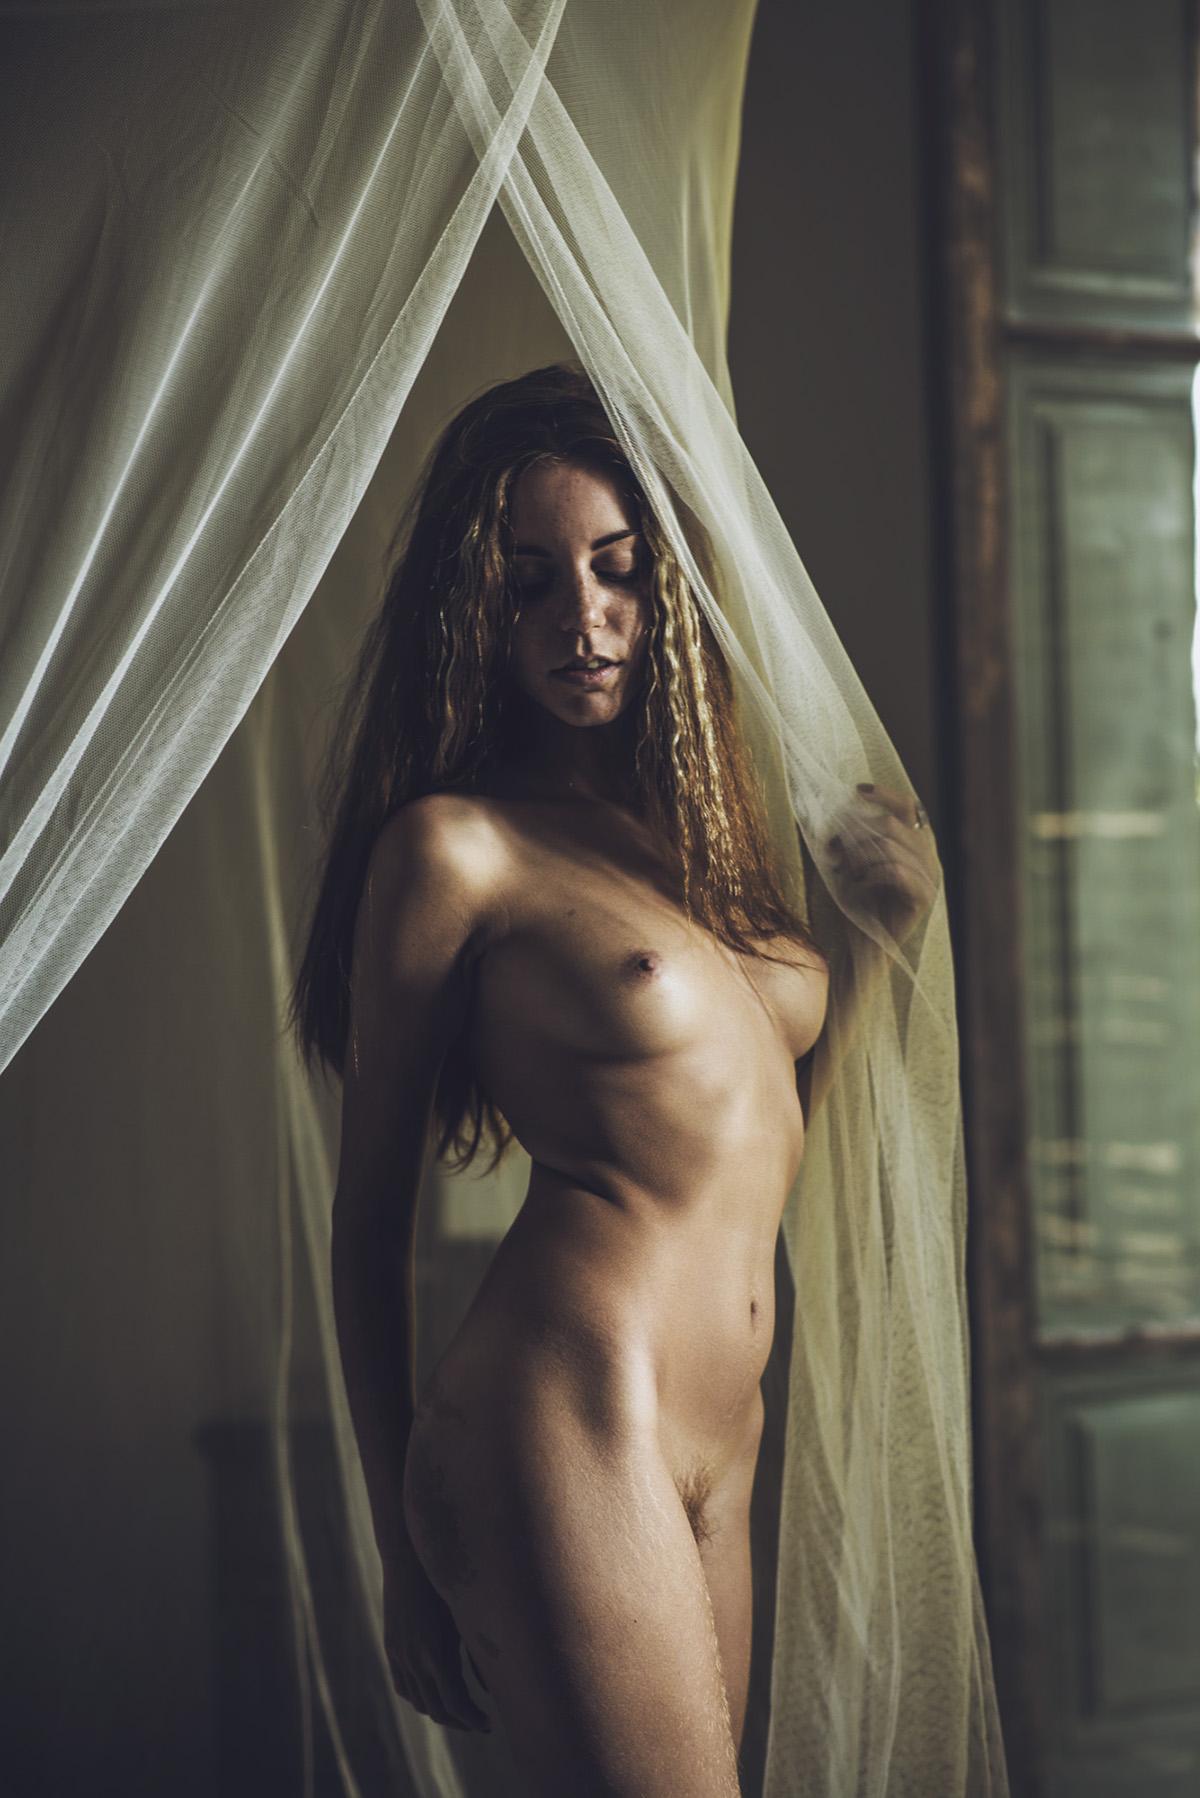 Балдахин / фотограф BRVJO